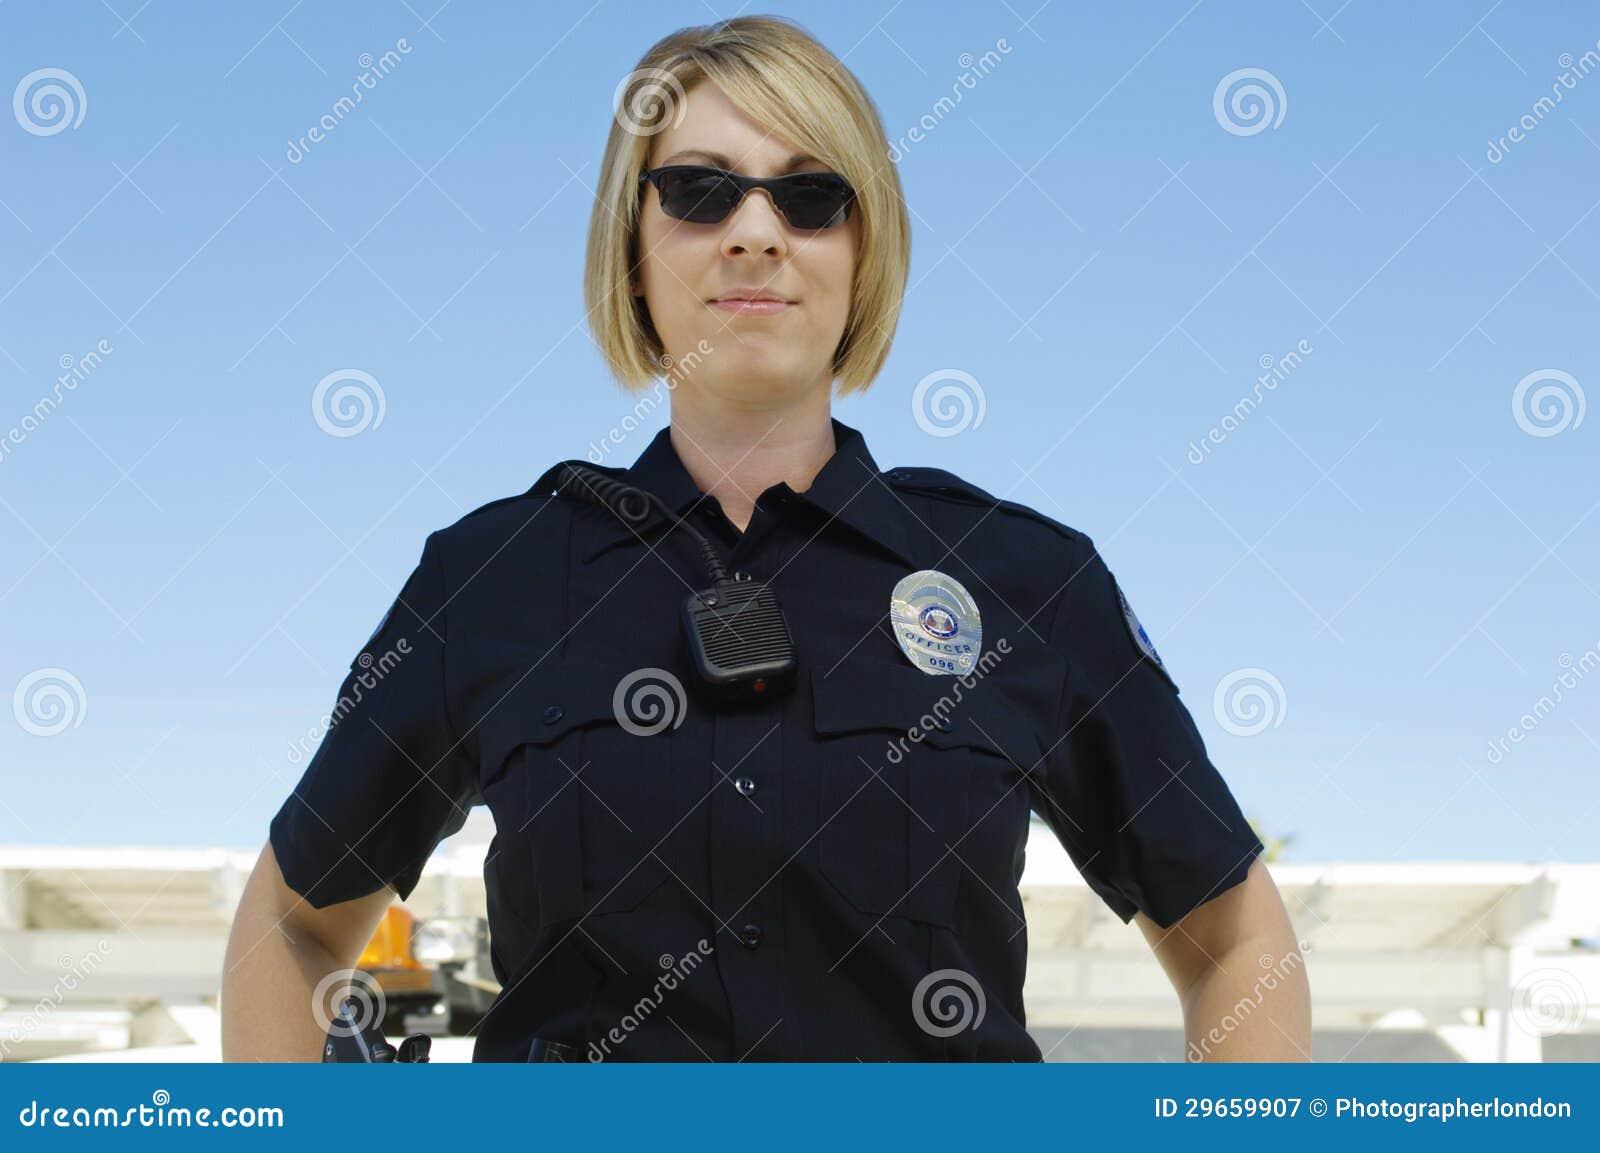 Oficial de policía Wearing Sunglasses